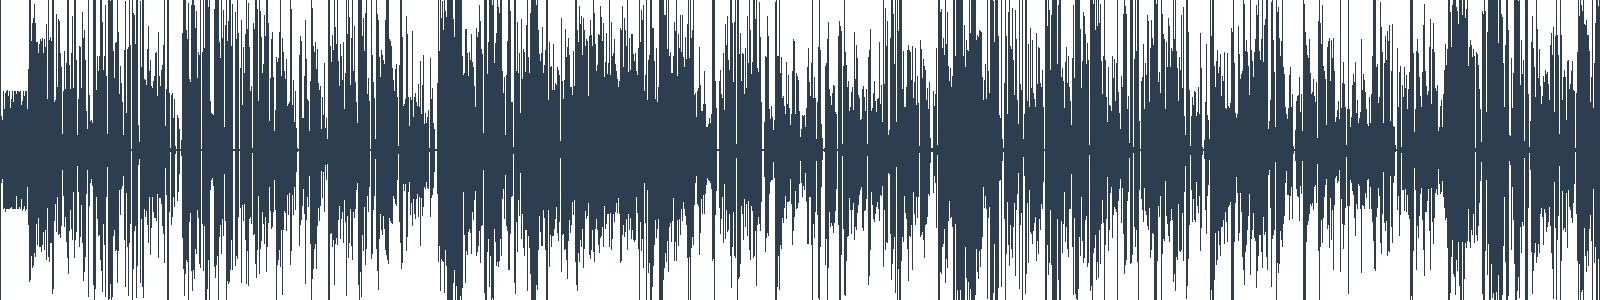 Audinovinky 36 - film nebo kniha waveform